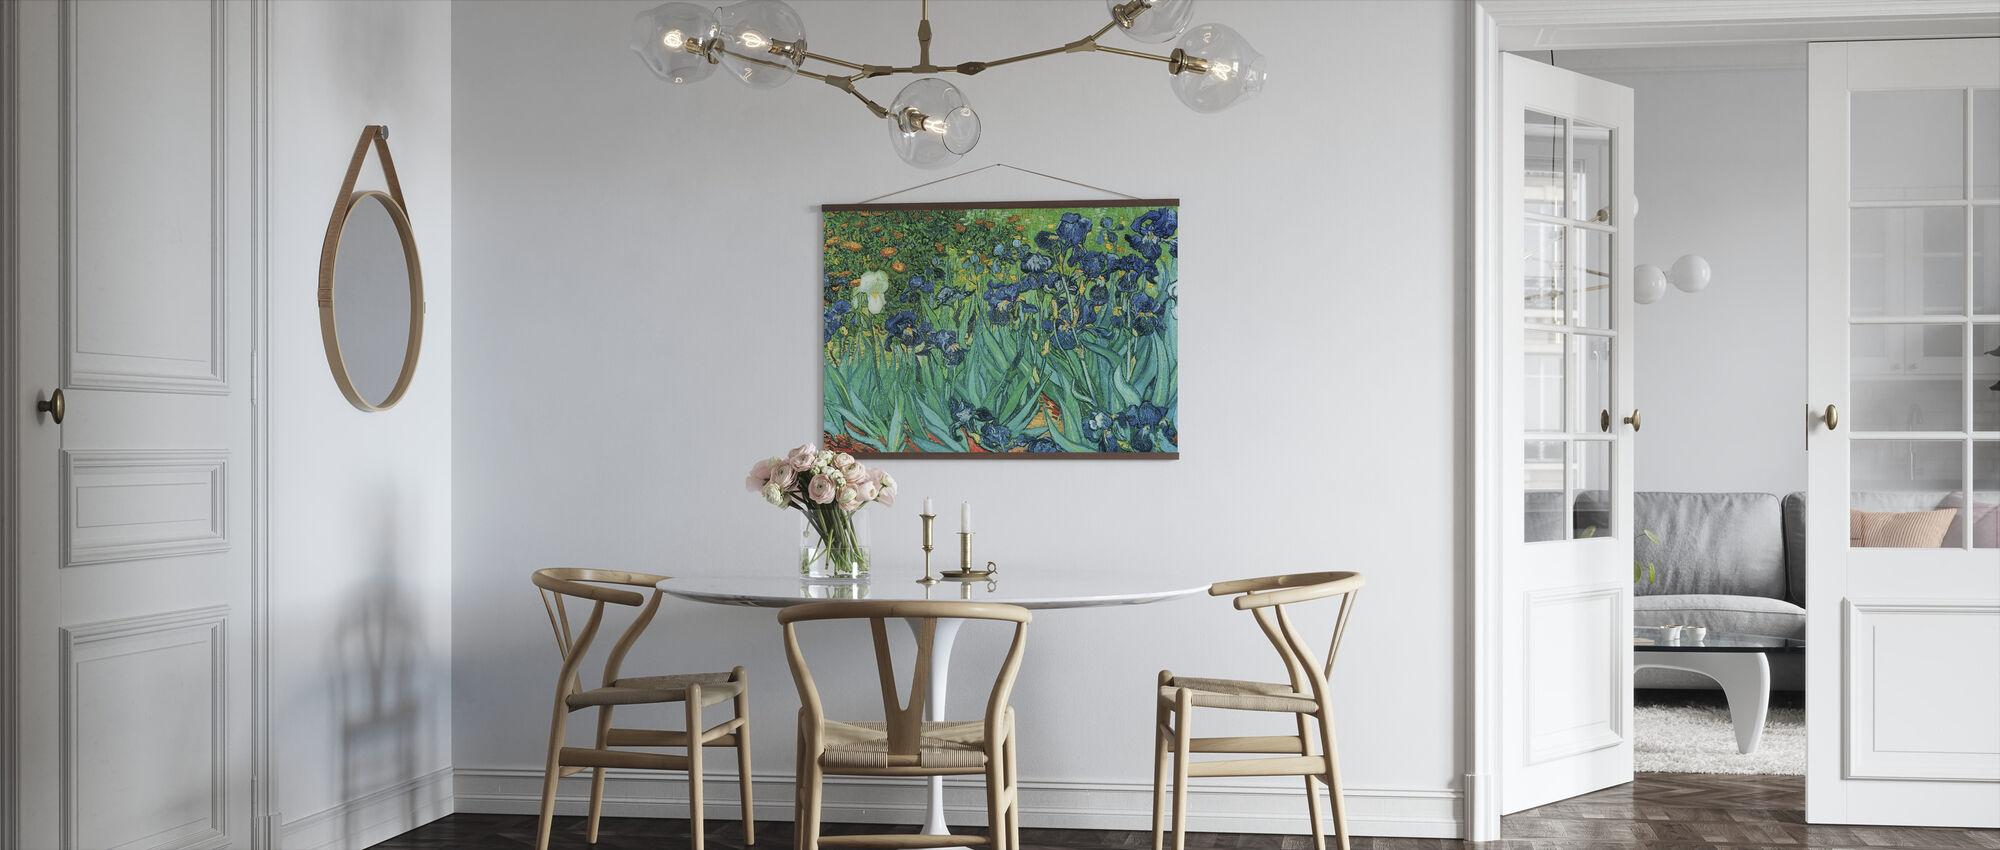 Irissen, Vincent van Gogh - Poster - Keuken